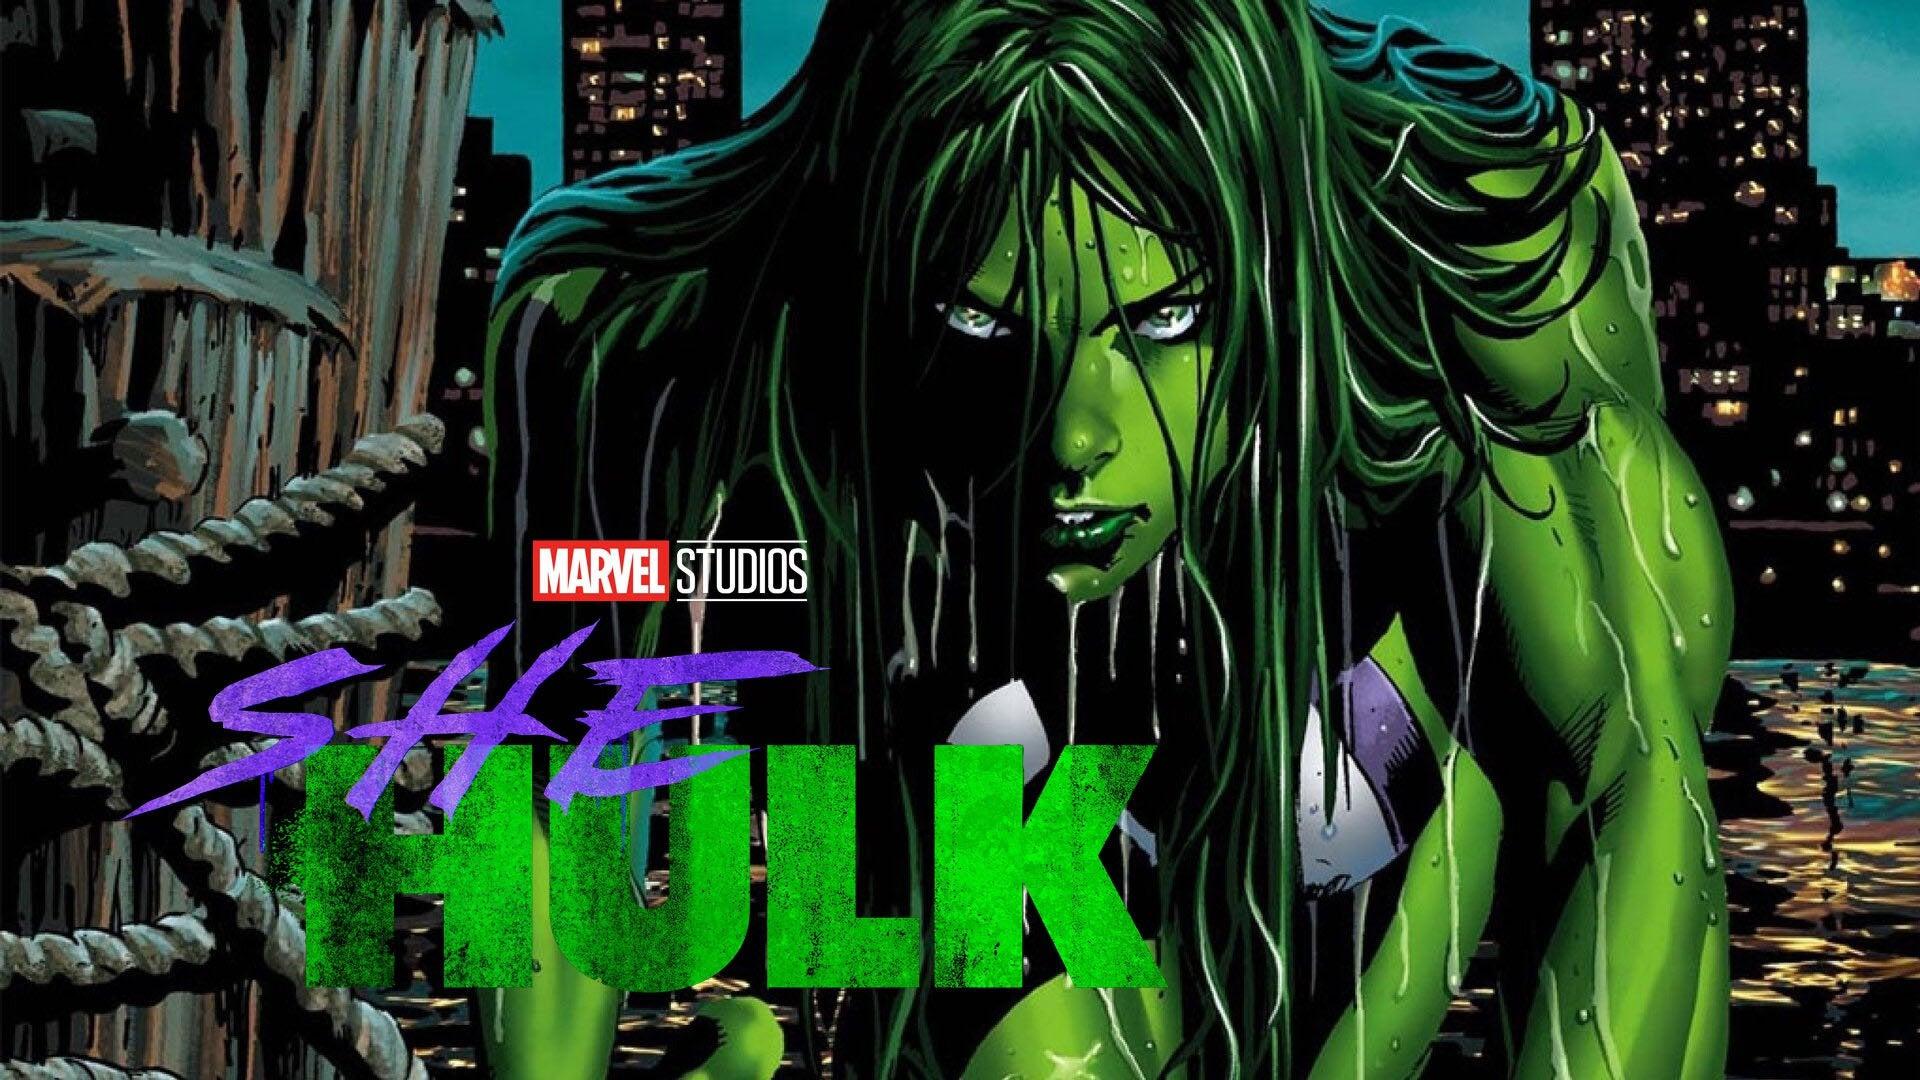 Show She-Hulk